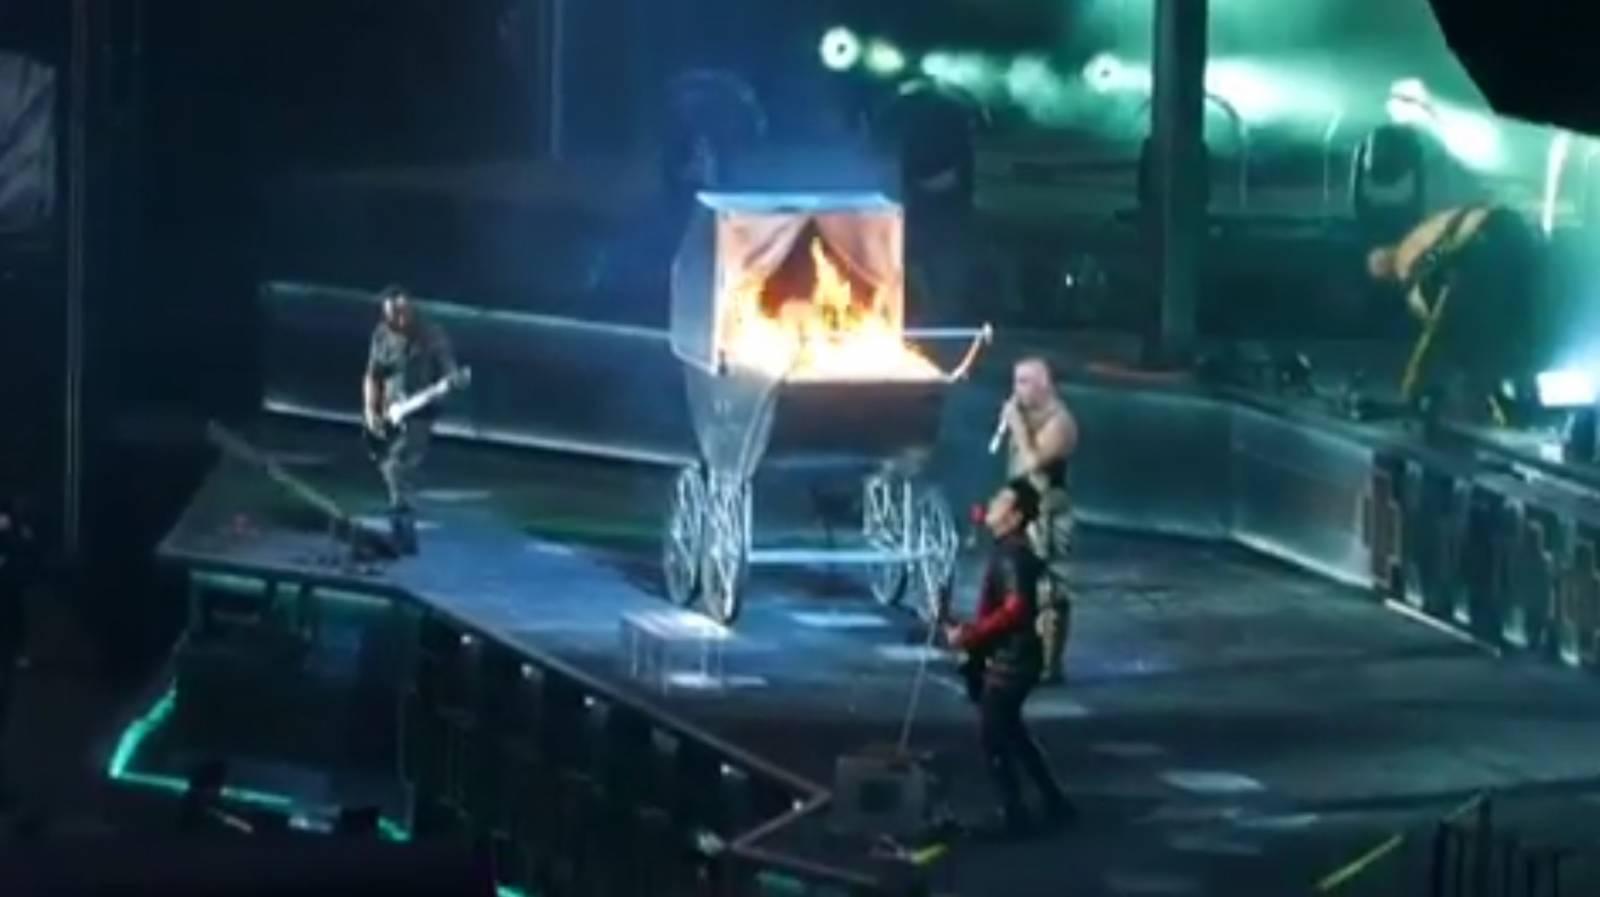 Jak vypadá nové turné Rammstein, na které se můžeme těšit v Praze? Je plné ohně a efektů